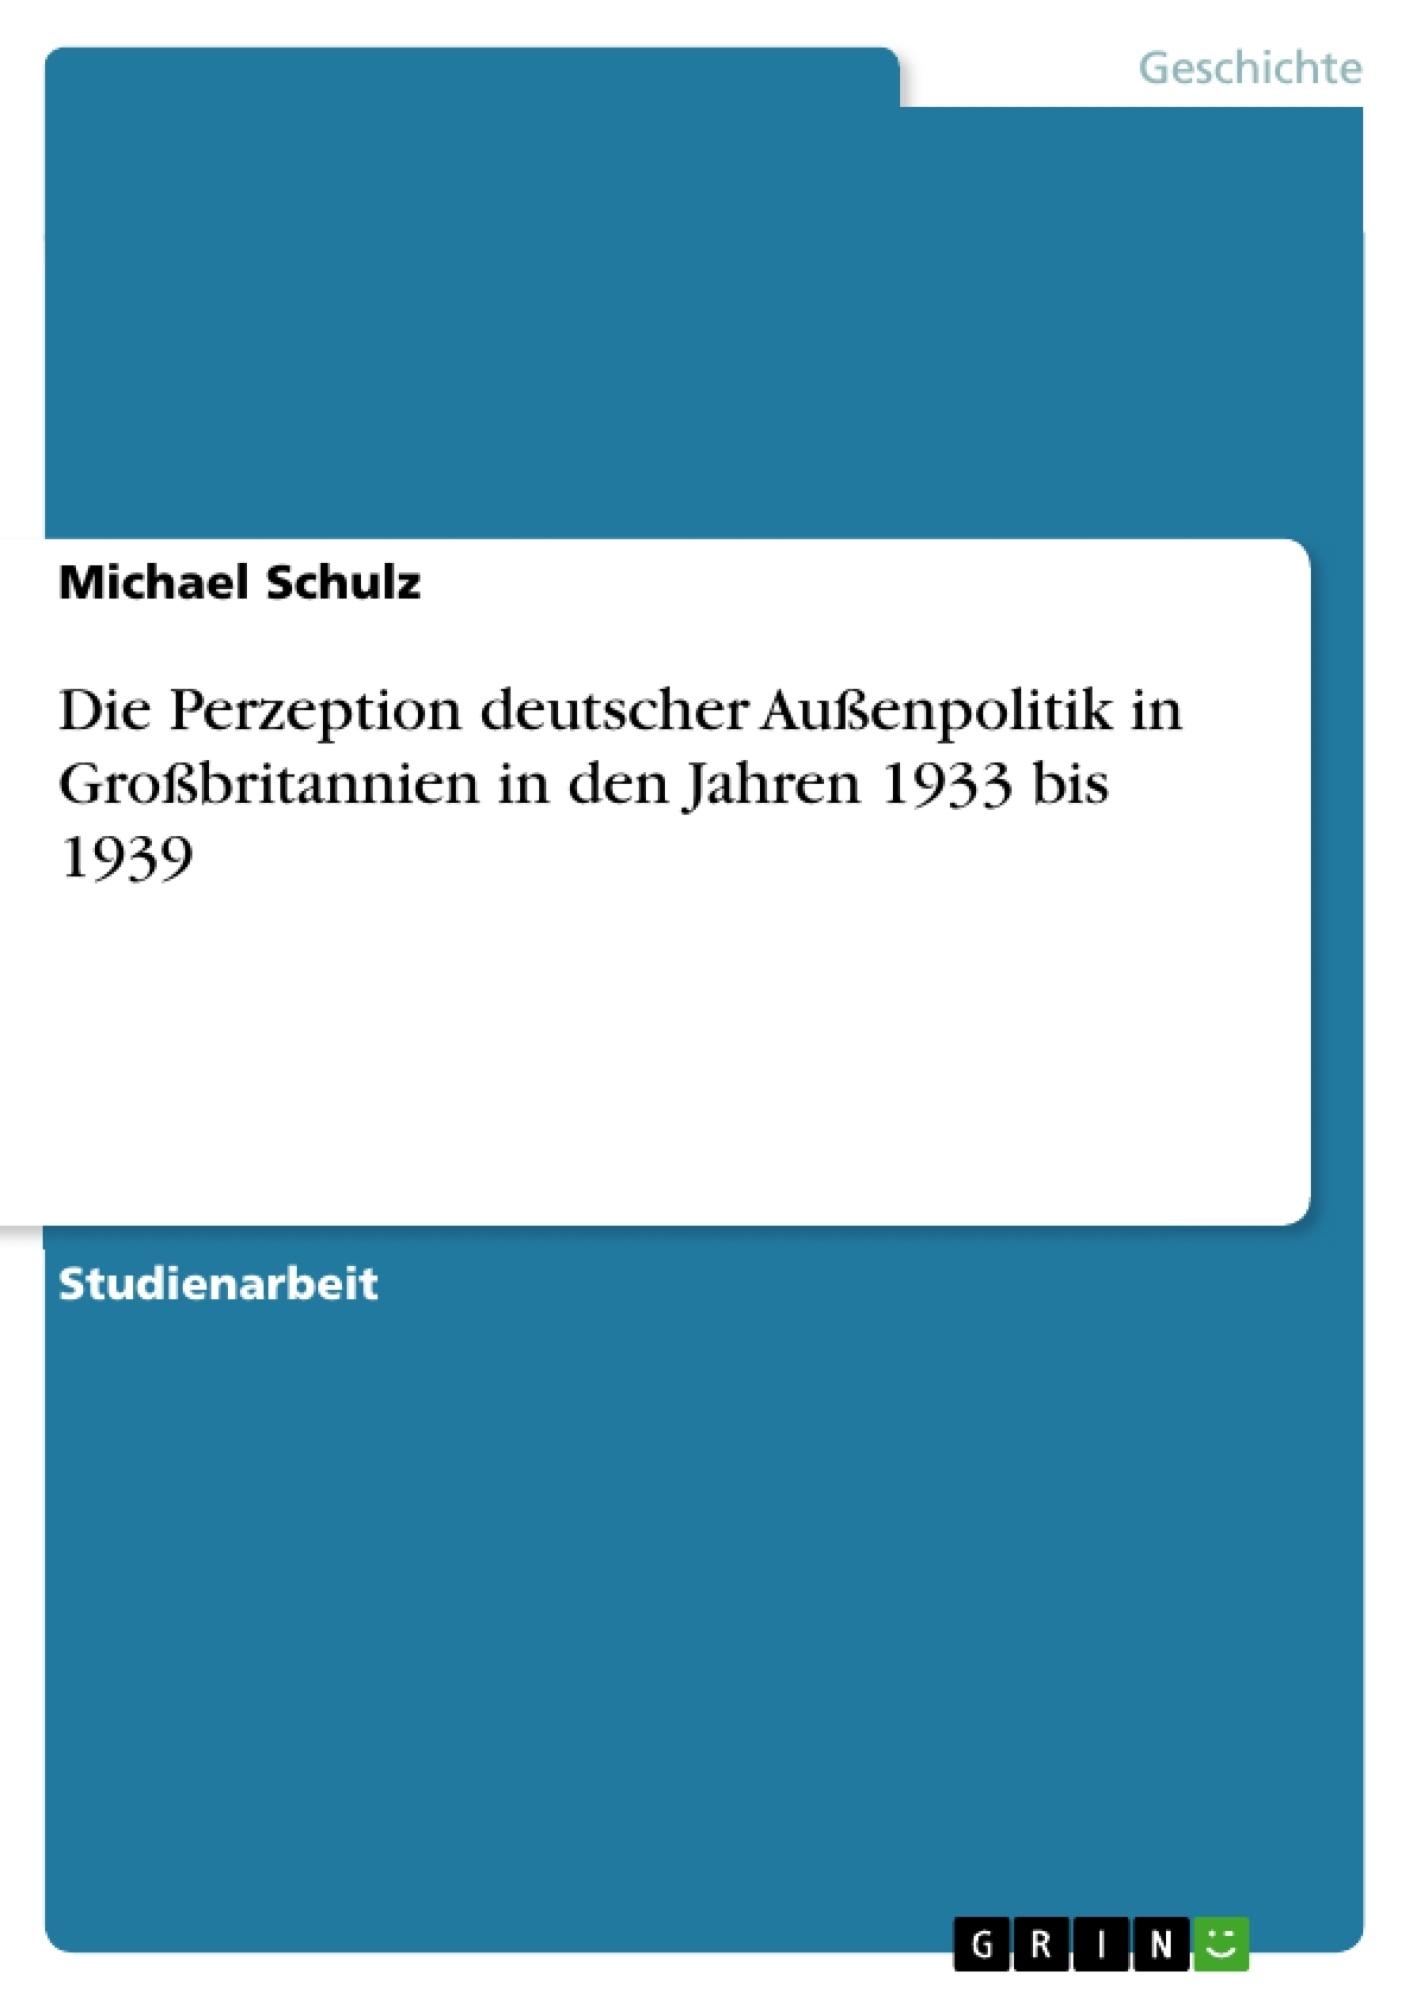 Titel: Die Perzeption deutscher Außenpolitik in Großbritannien in den Jahren 1933 bis 1939